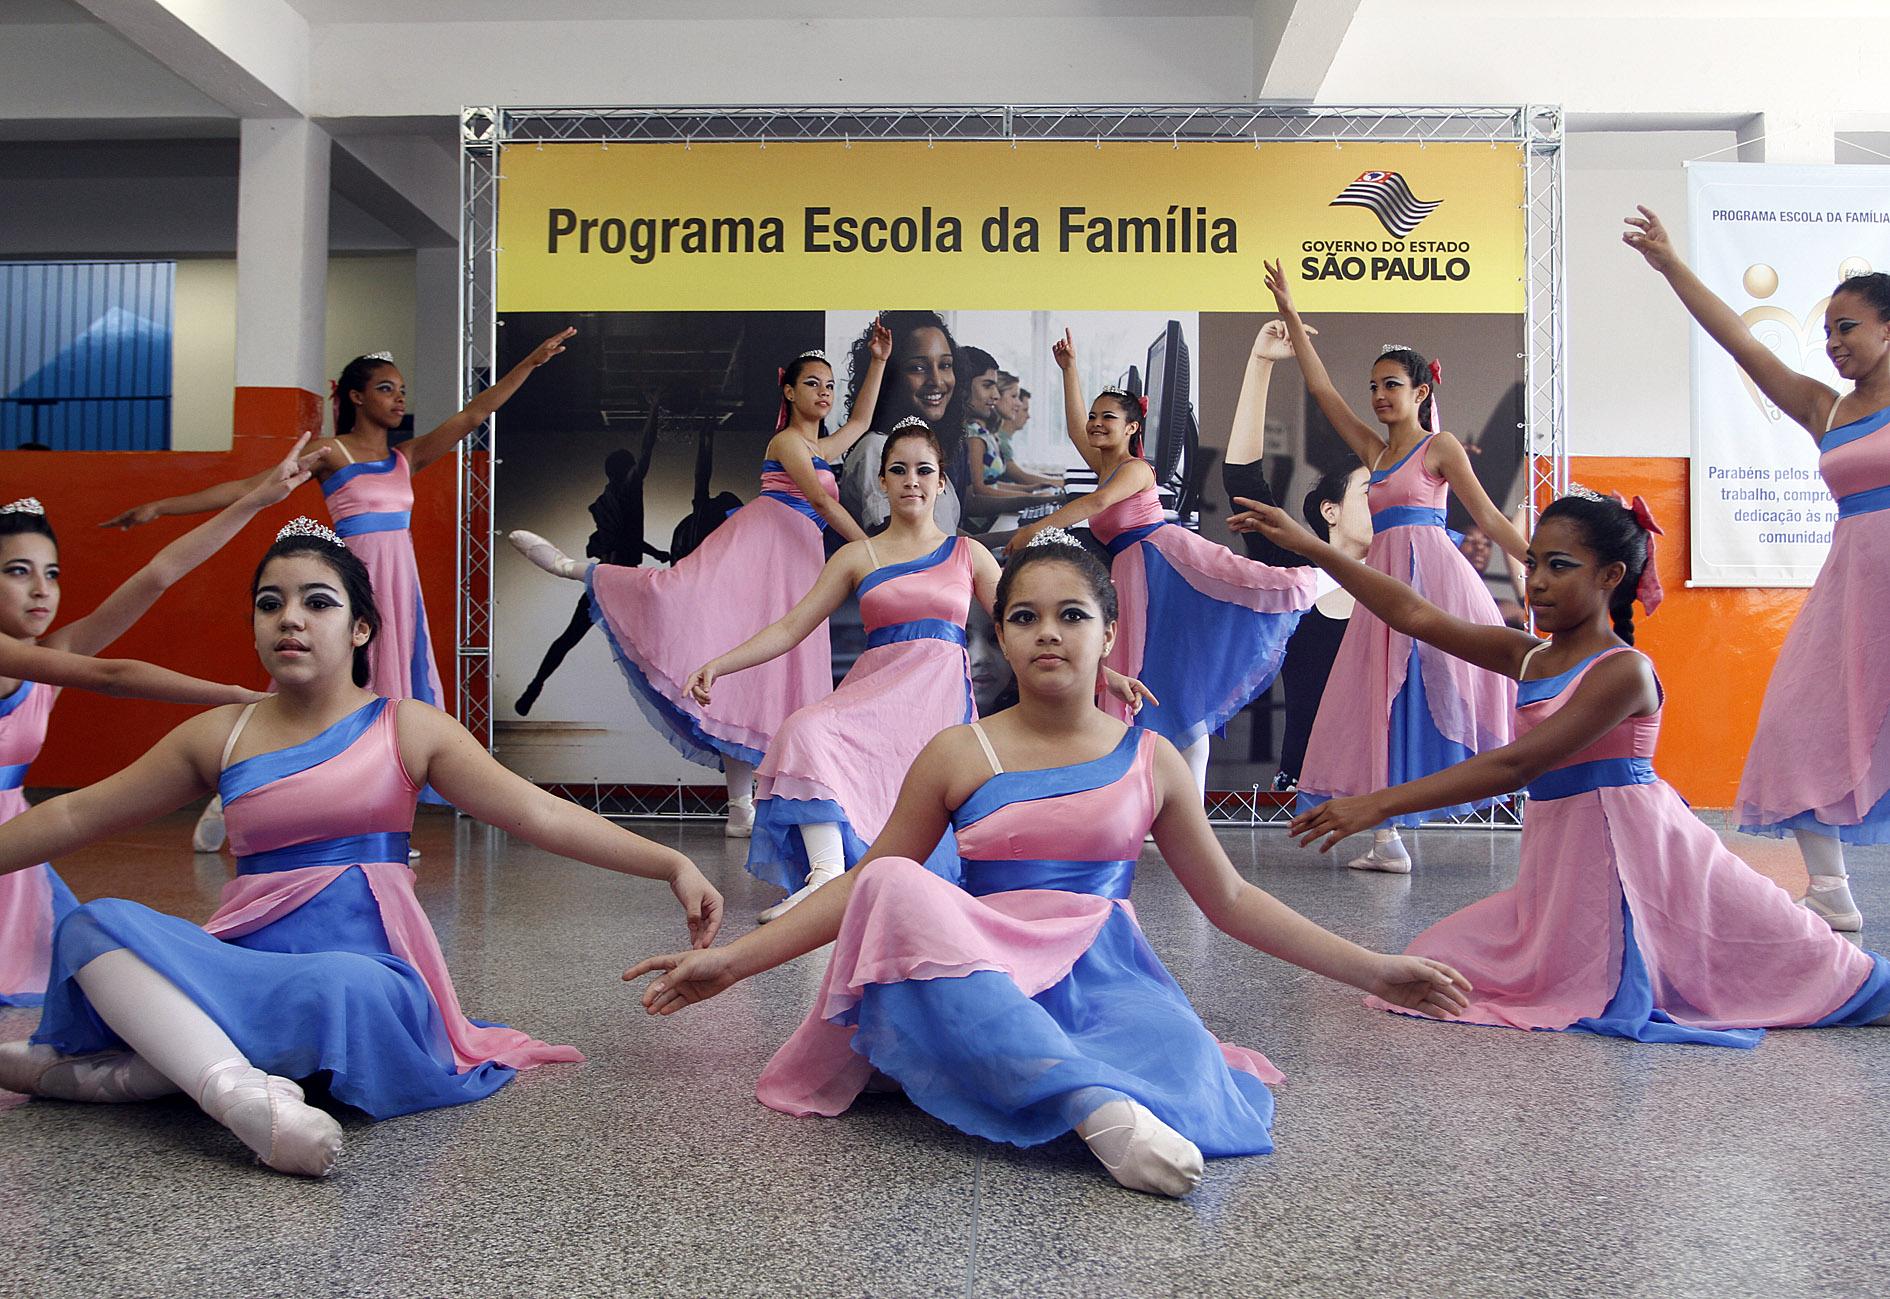 19e833bda1 DownloadGoverno do Estado de SP. Alunos encantam os colaboradores durante  apresentação do Programa Escola da Família